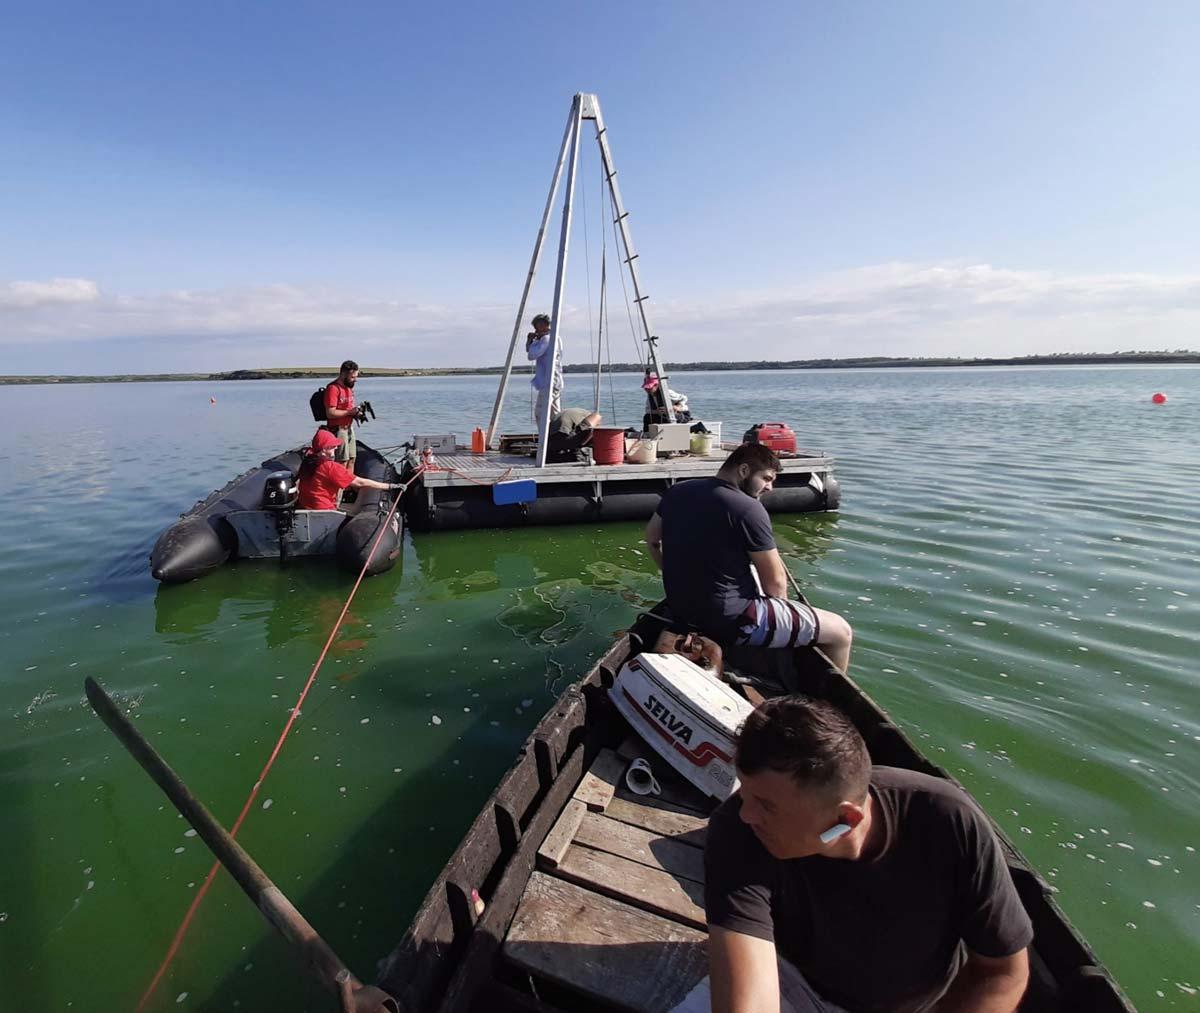 Archäologische Bohrung auf einem See